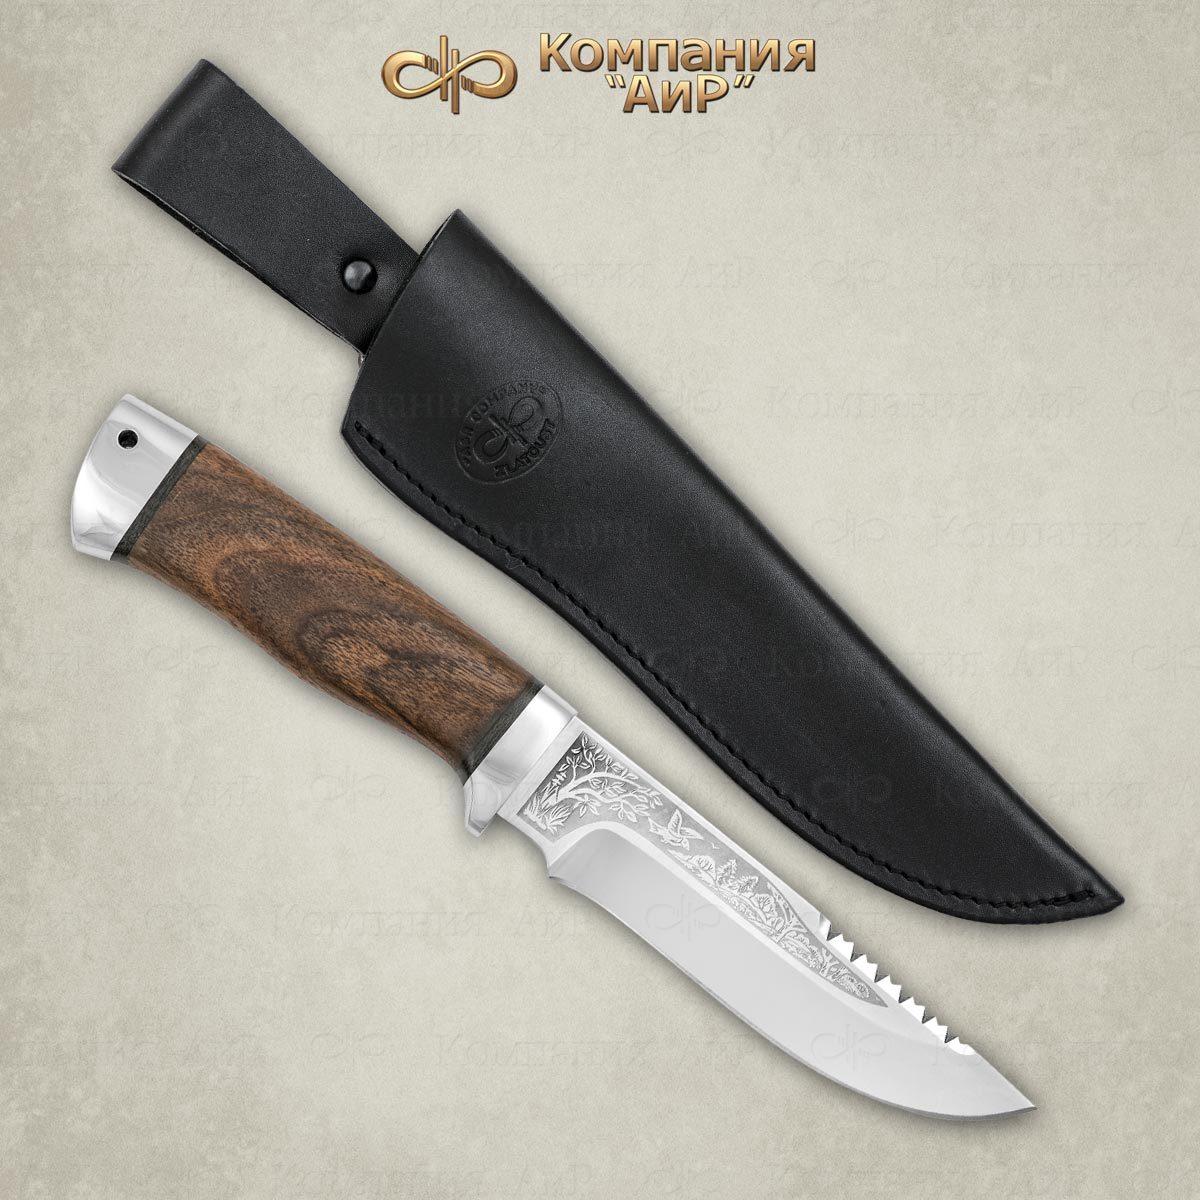 Нож АиР Стрелец, сталь ЭП-766, рукоять дерево нож аир хазар сталь эп 766 рукоять дерево